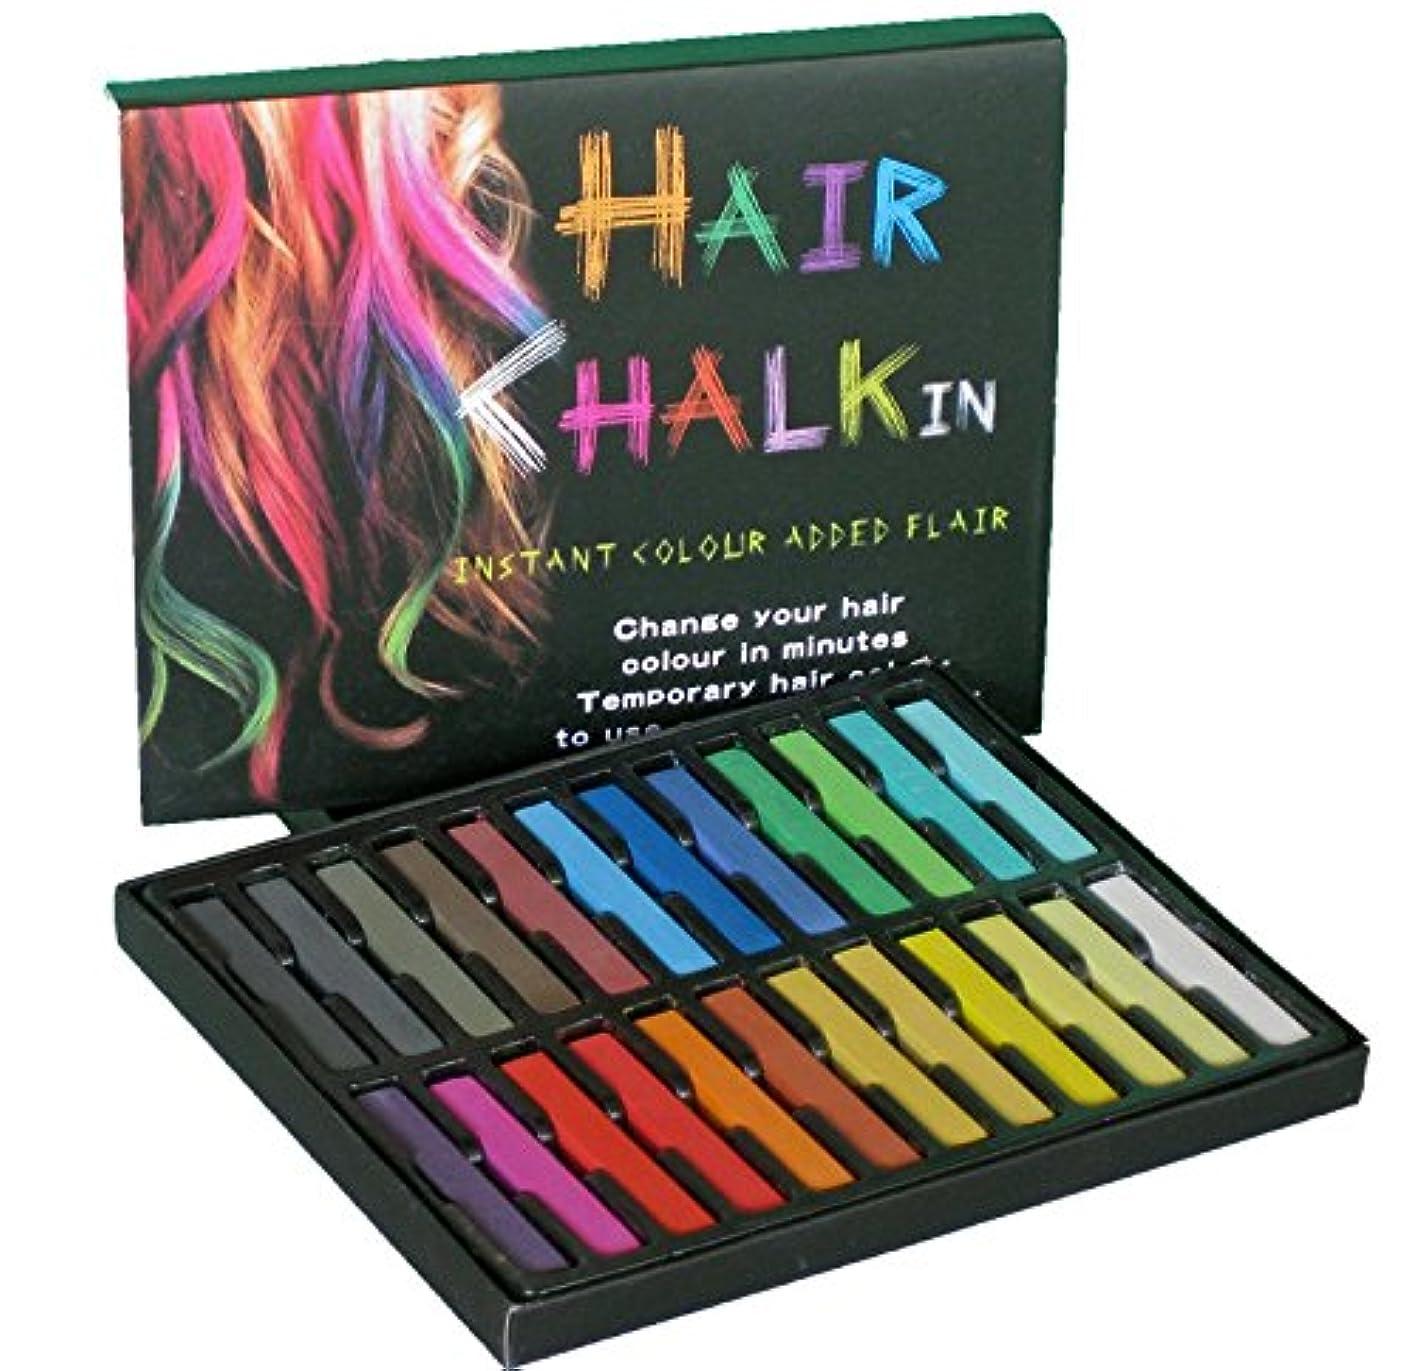 実験をする容量ソフィー【24色】ヘアチョーク ヘアカラーチョーク アメリカで人気!お湯で落ちる簡易髪染 一日だけの髪染め パステルチョーク Hair color chalk